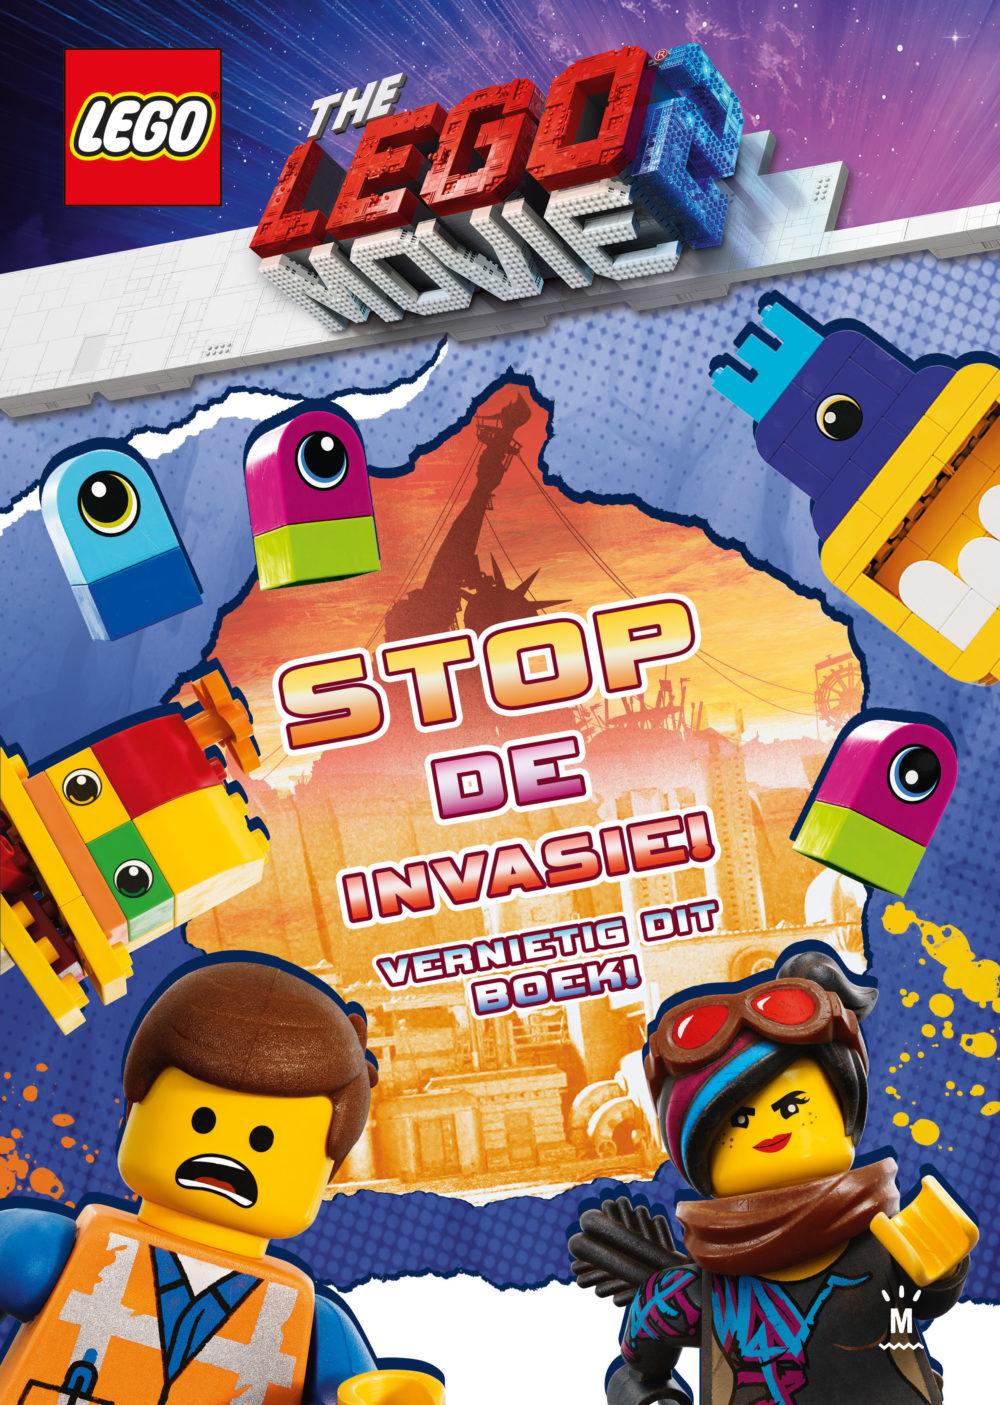 The LEGO Movie 2 Stop de Invasie